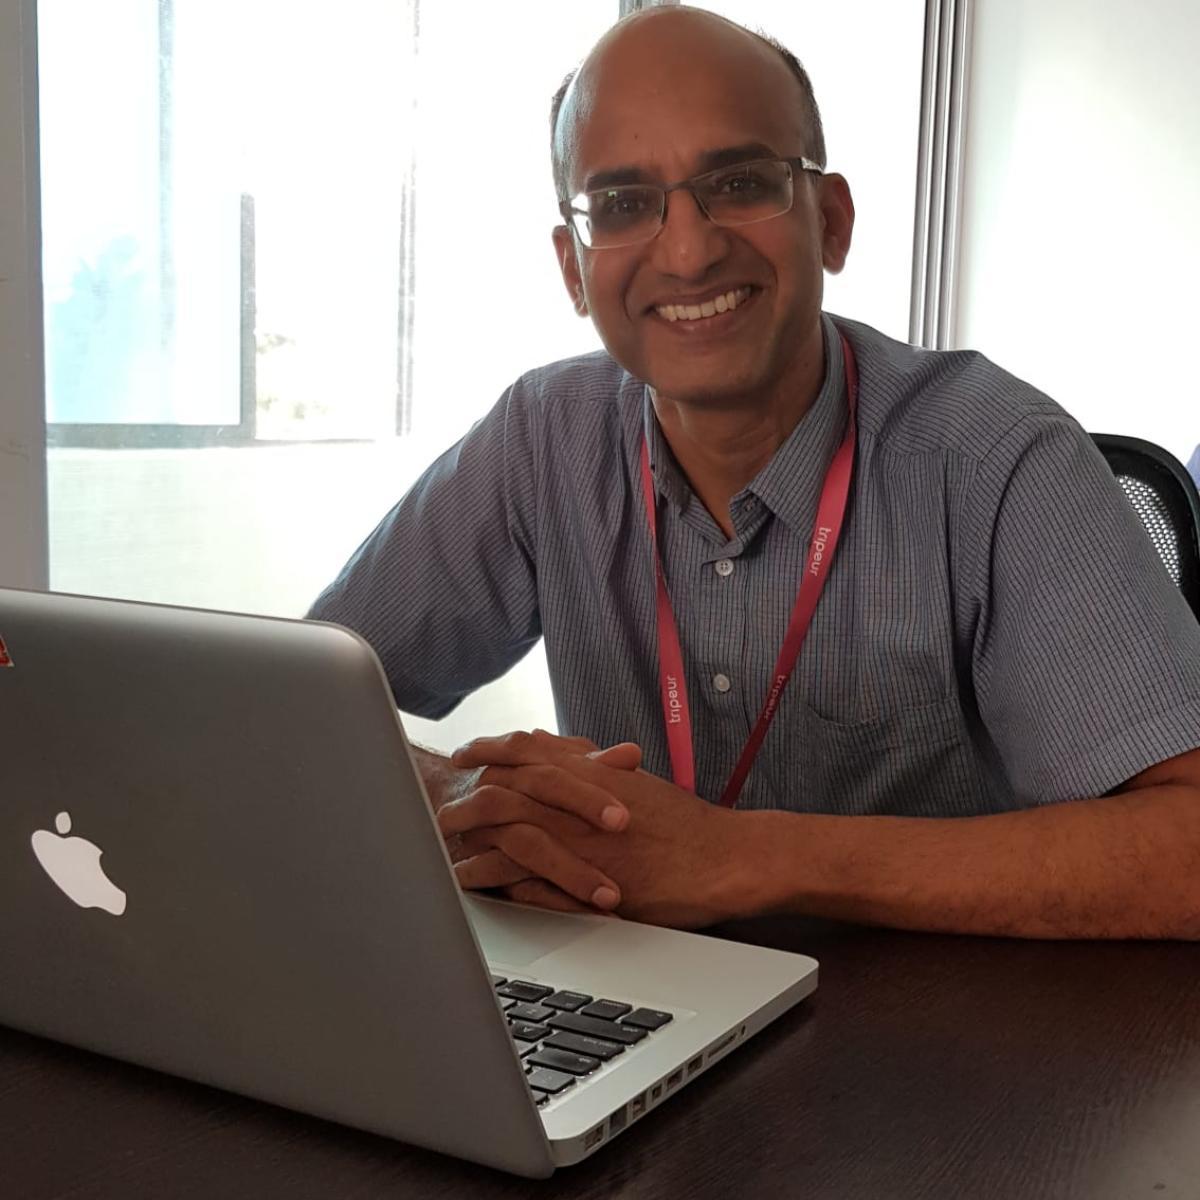 Tripeur CEO and Founder Thiagarajan Rajagopalan